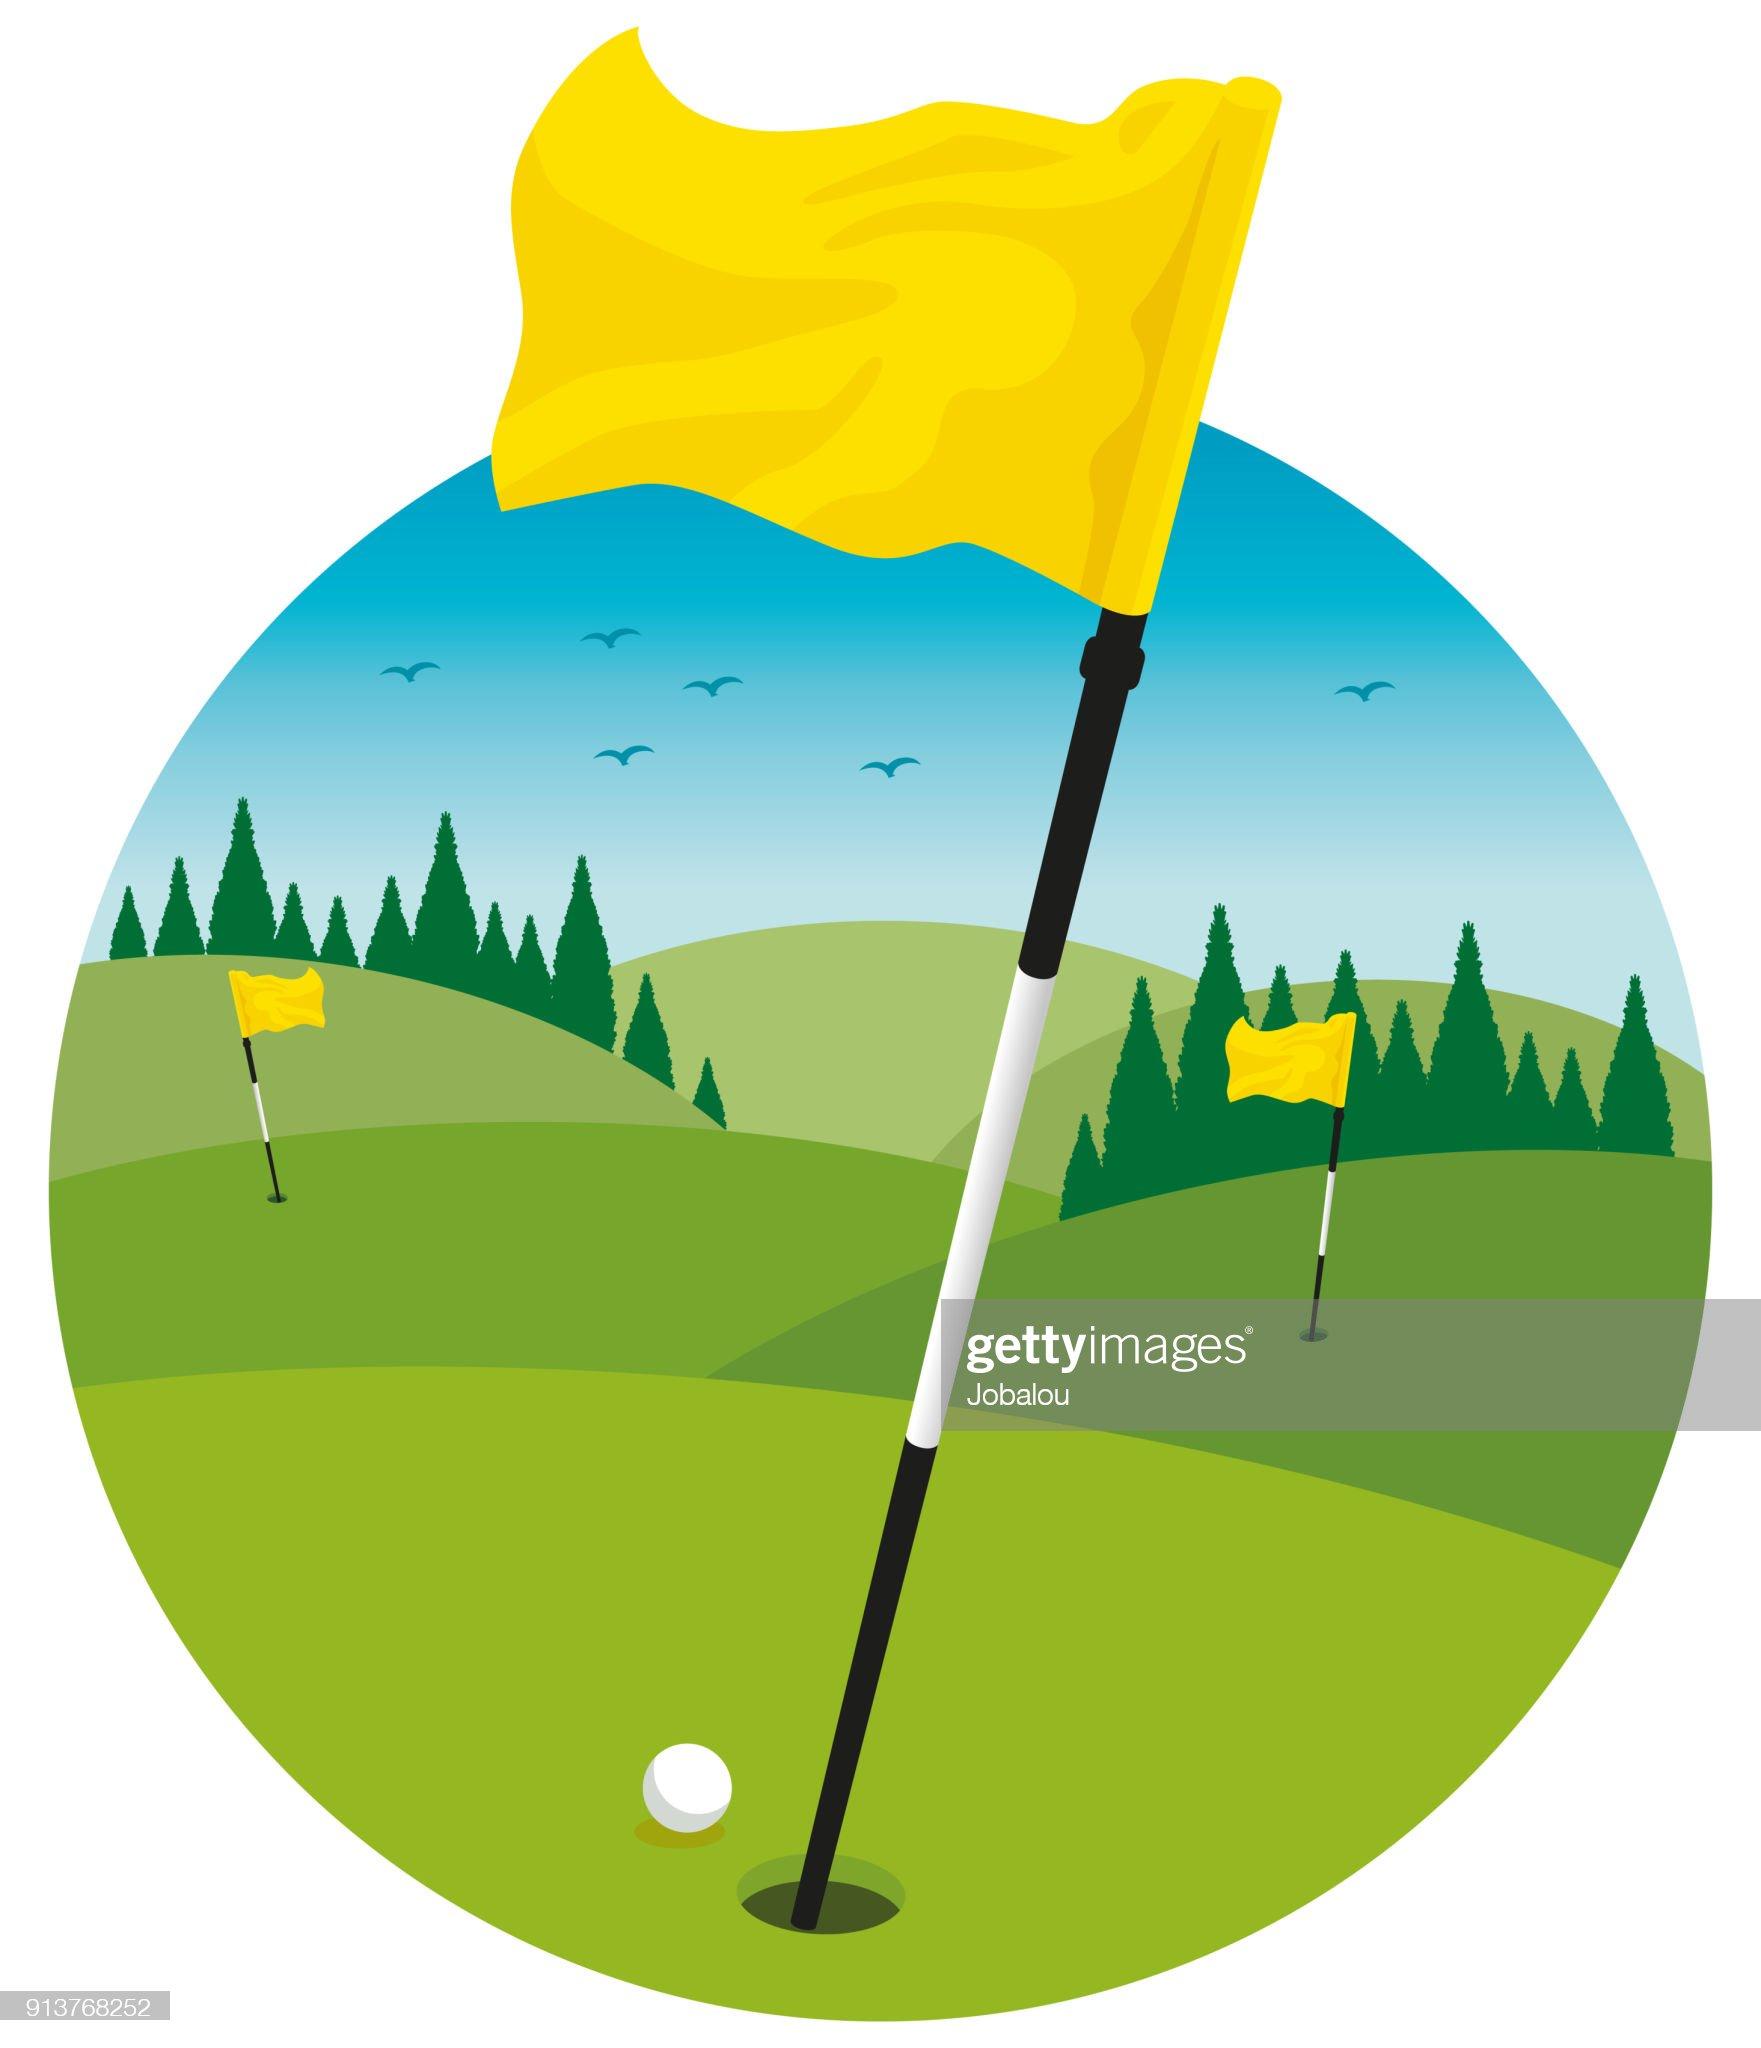 ゴルフ場風景クリップアート : ストックイラストレーション